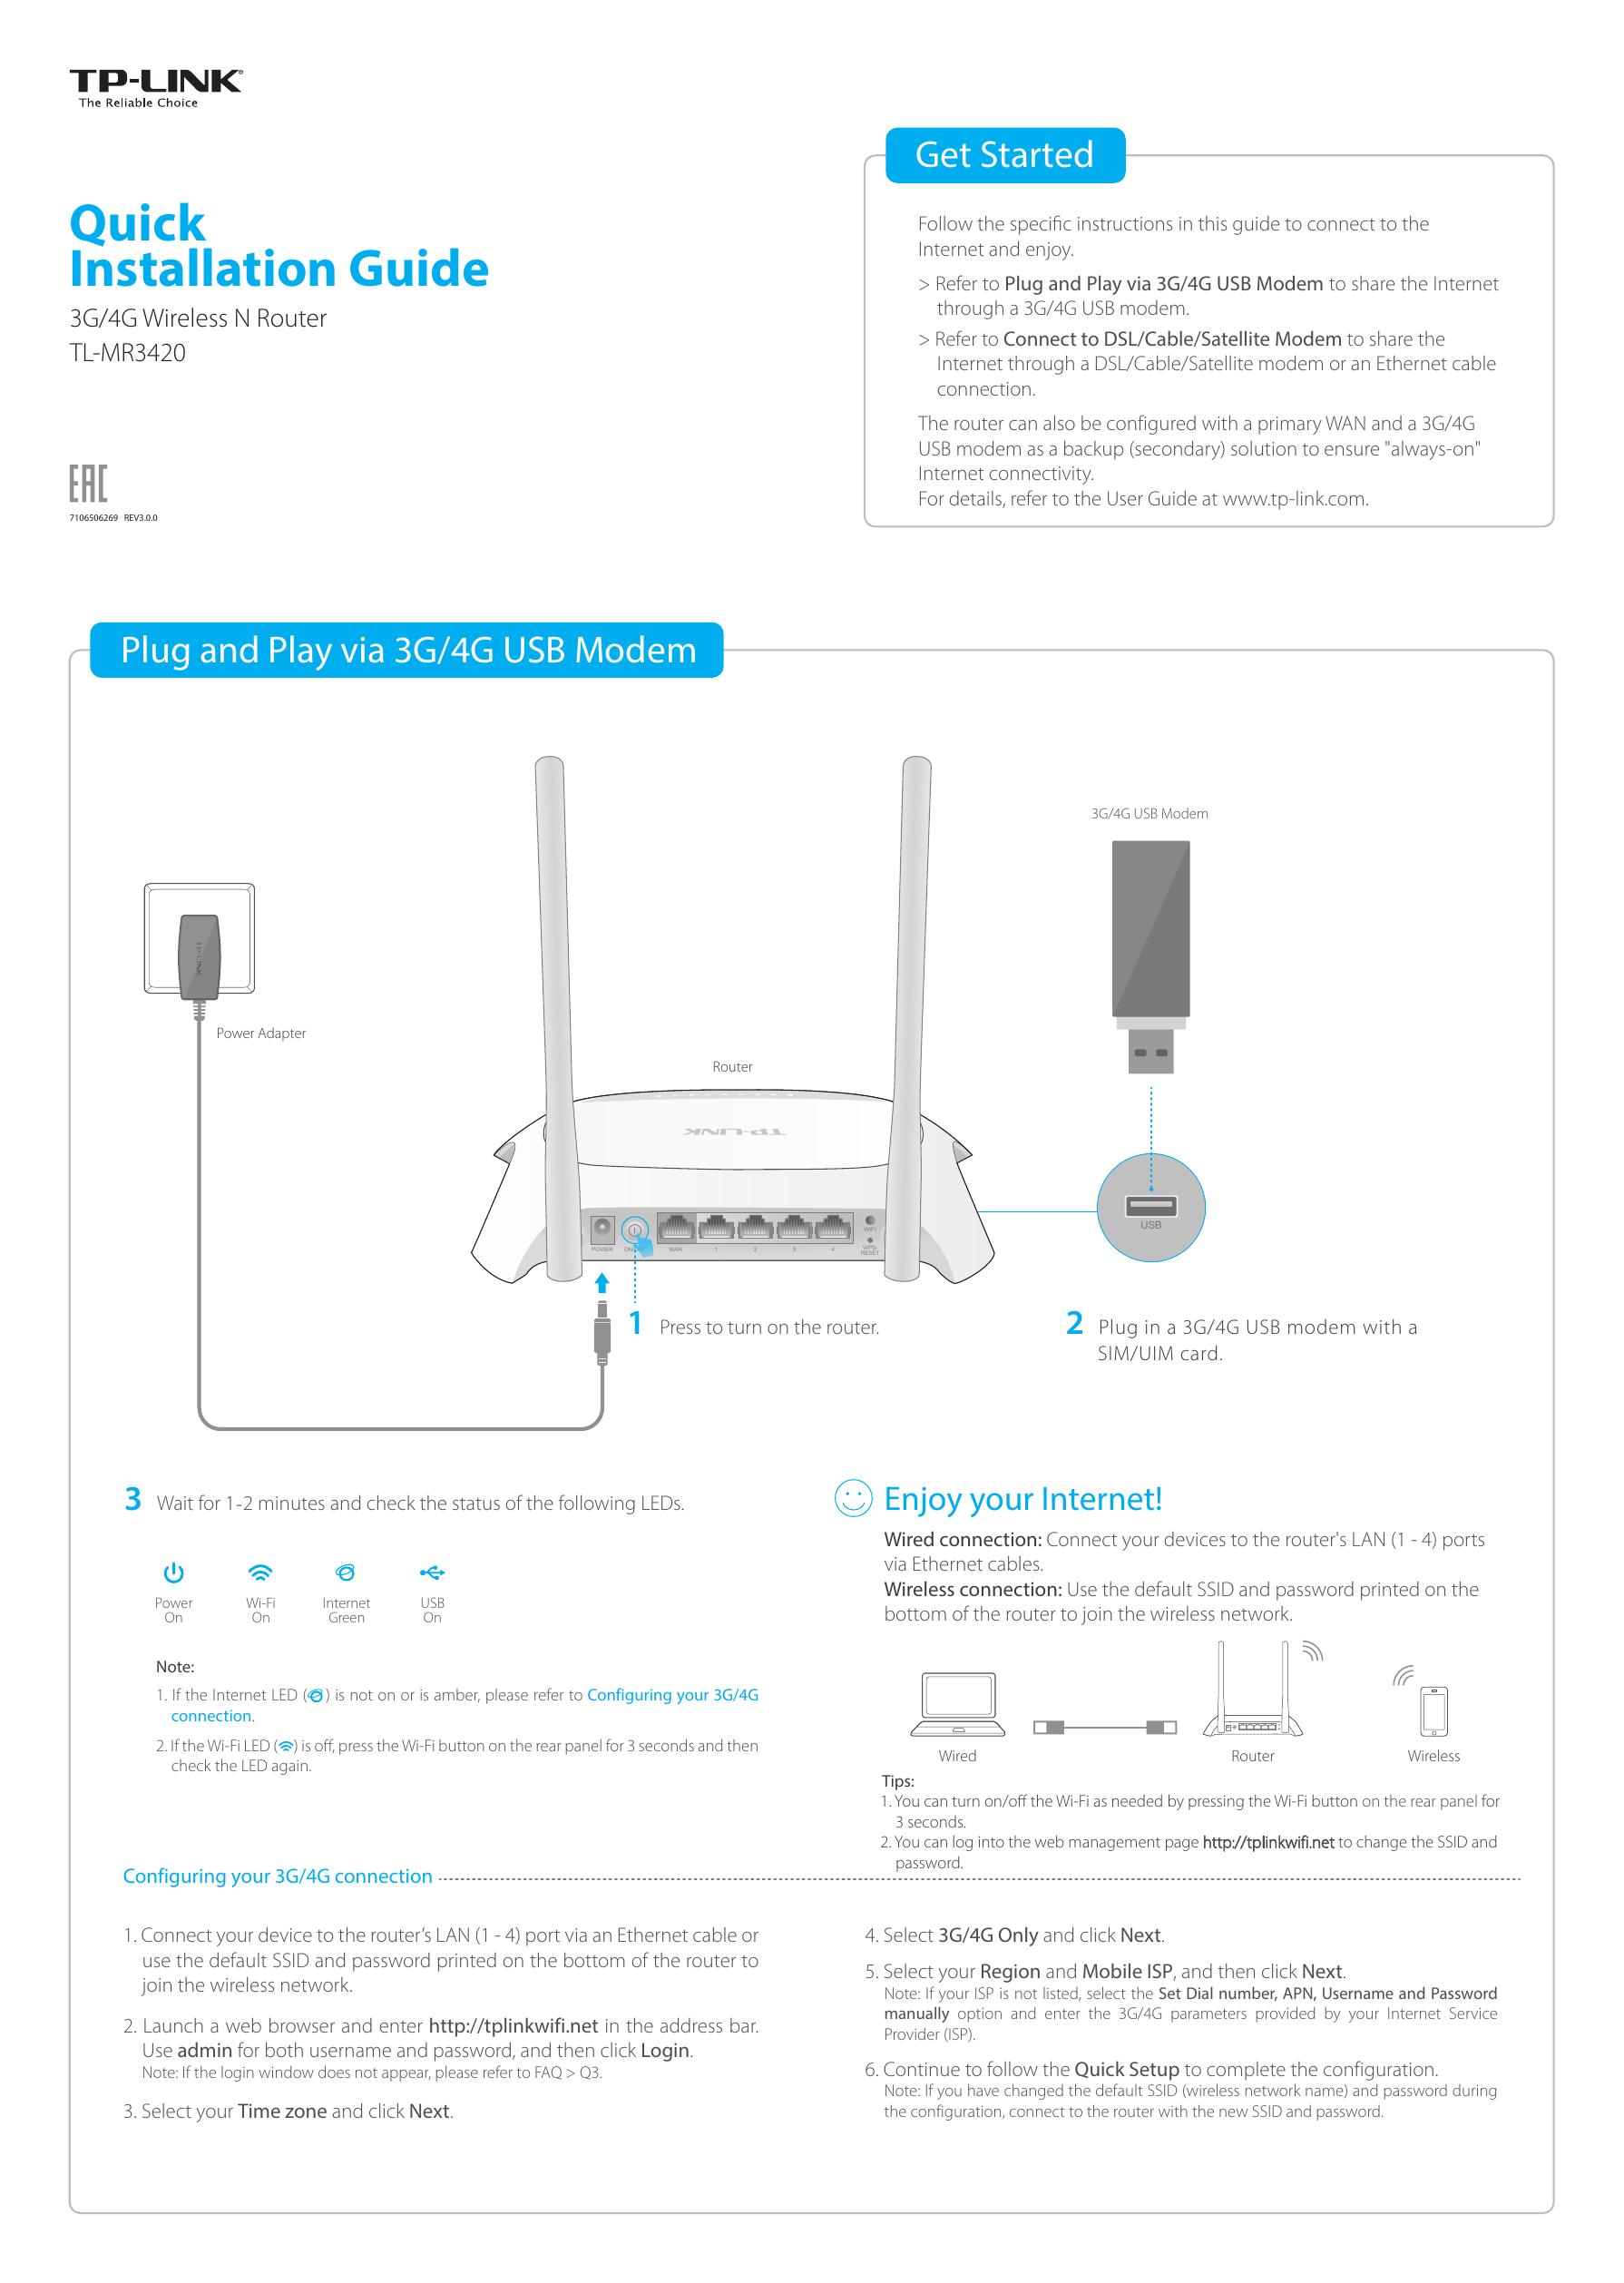 Quick Installation Guide - TP-Link   manualzz com